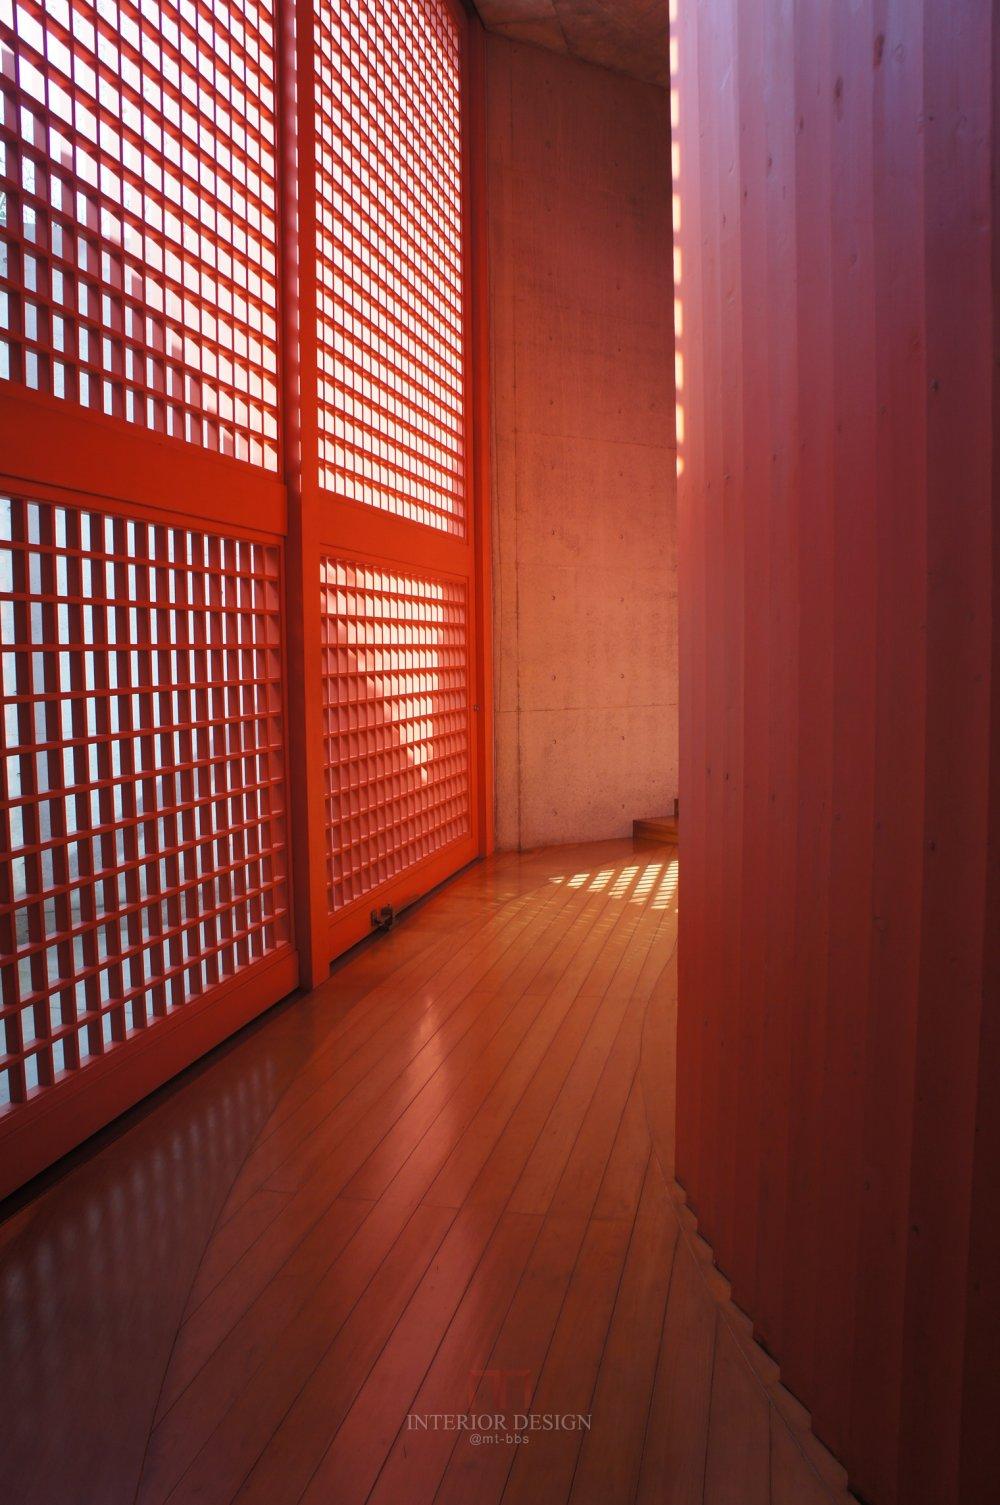 #伙伴一起看日本#  日本设计考察分享(更新美秀美术馆)_DSC05828.JPG